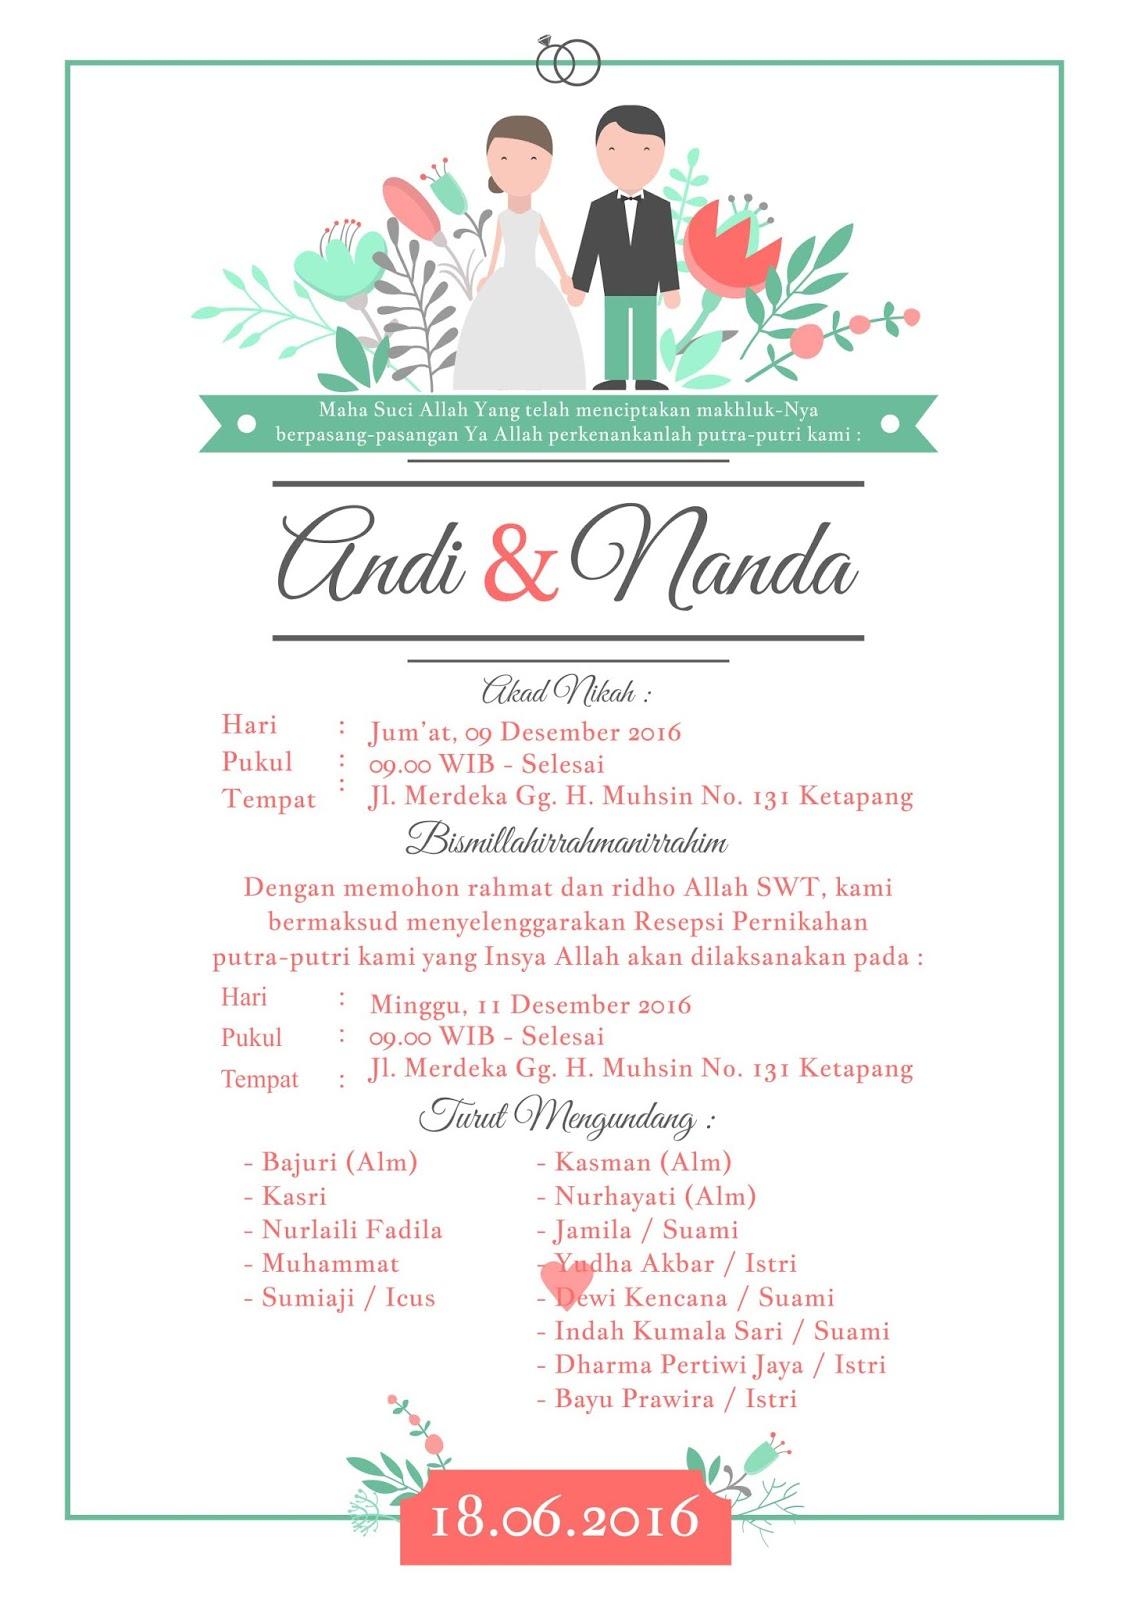 Kartu Ucapan Pernikahan Cdr - mypic.asia